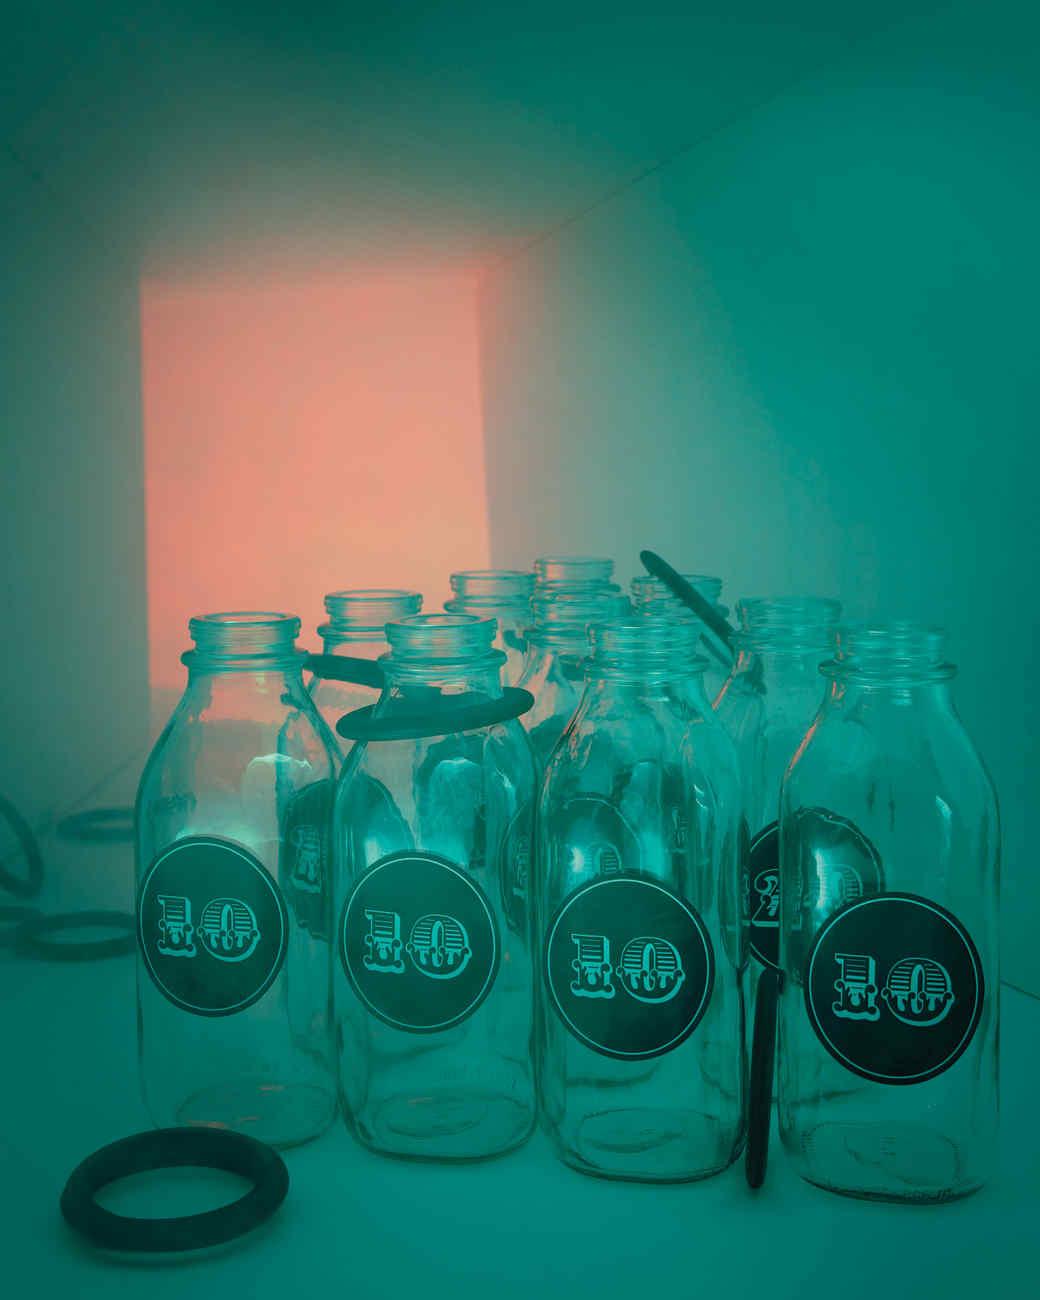 bottle-ring-toss-005-md109073.jpg